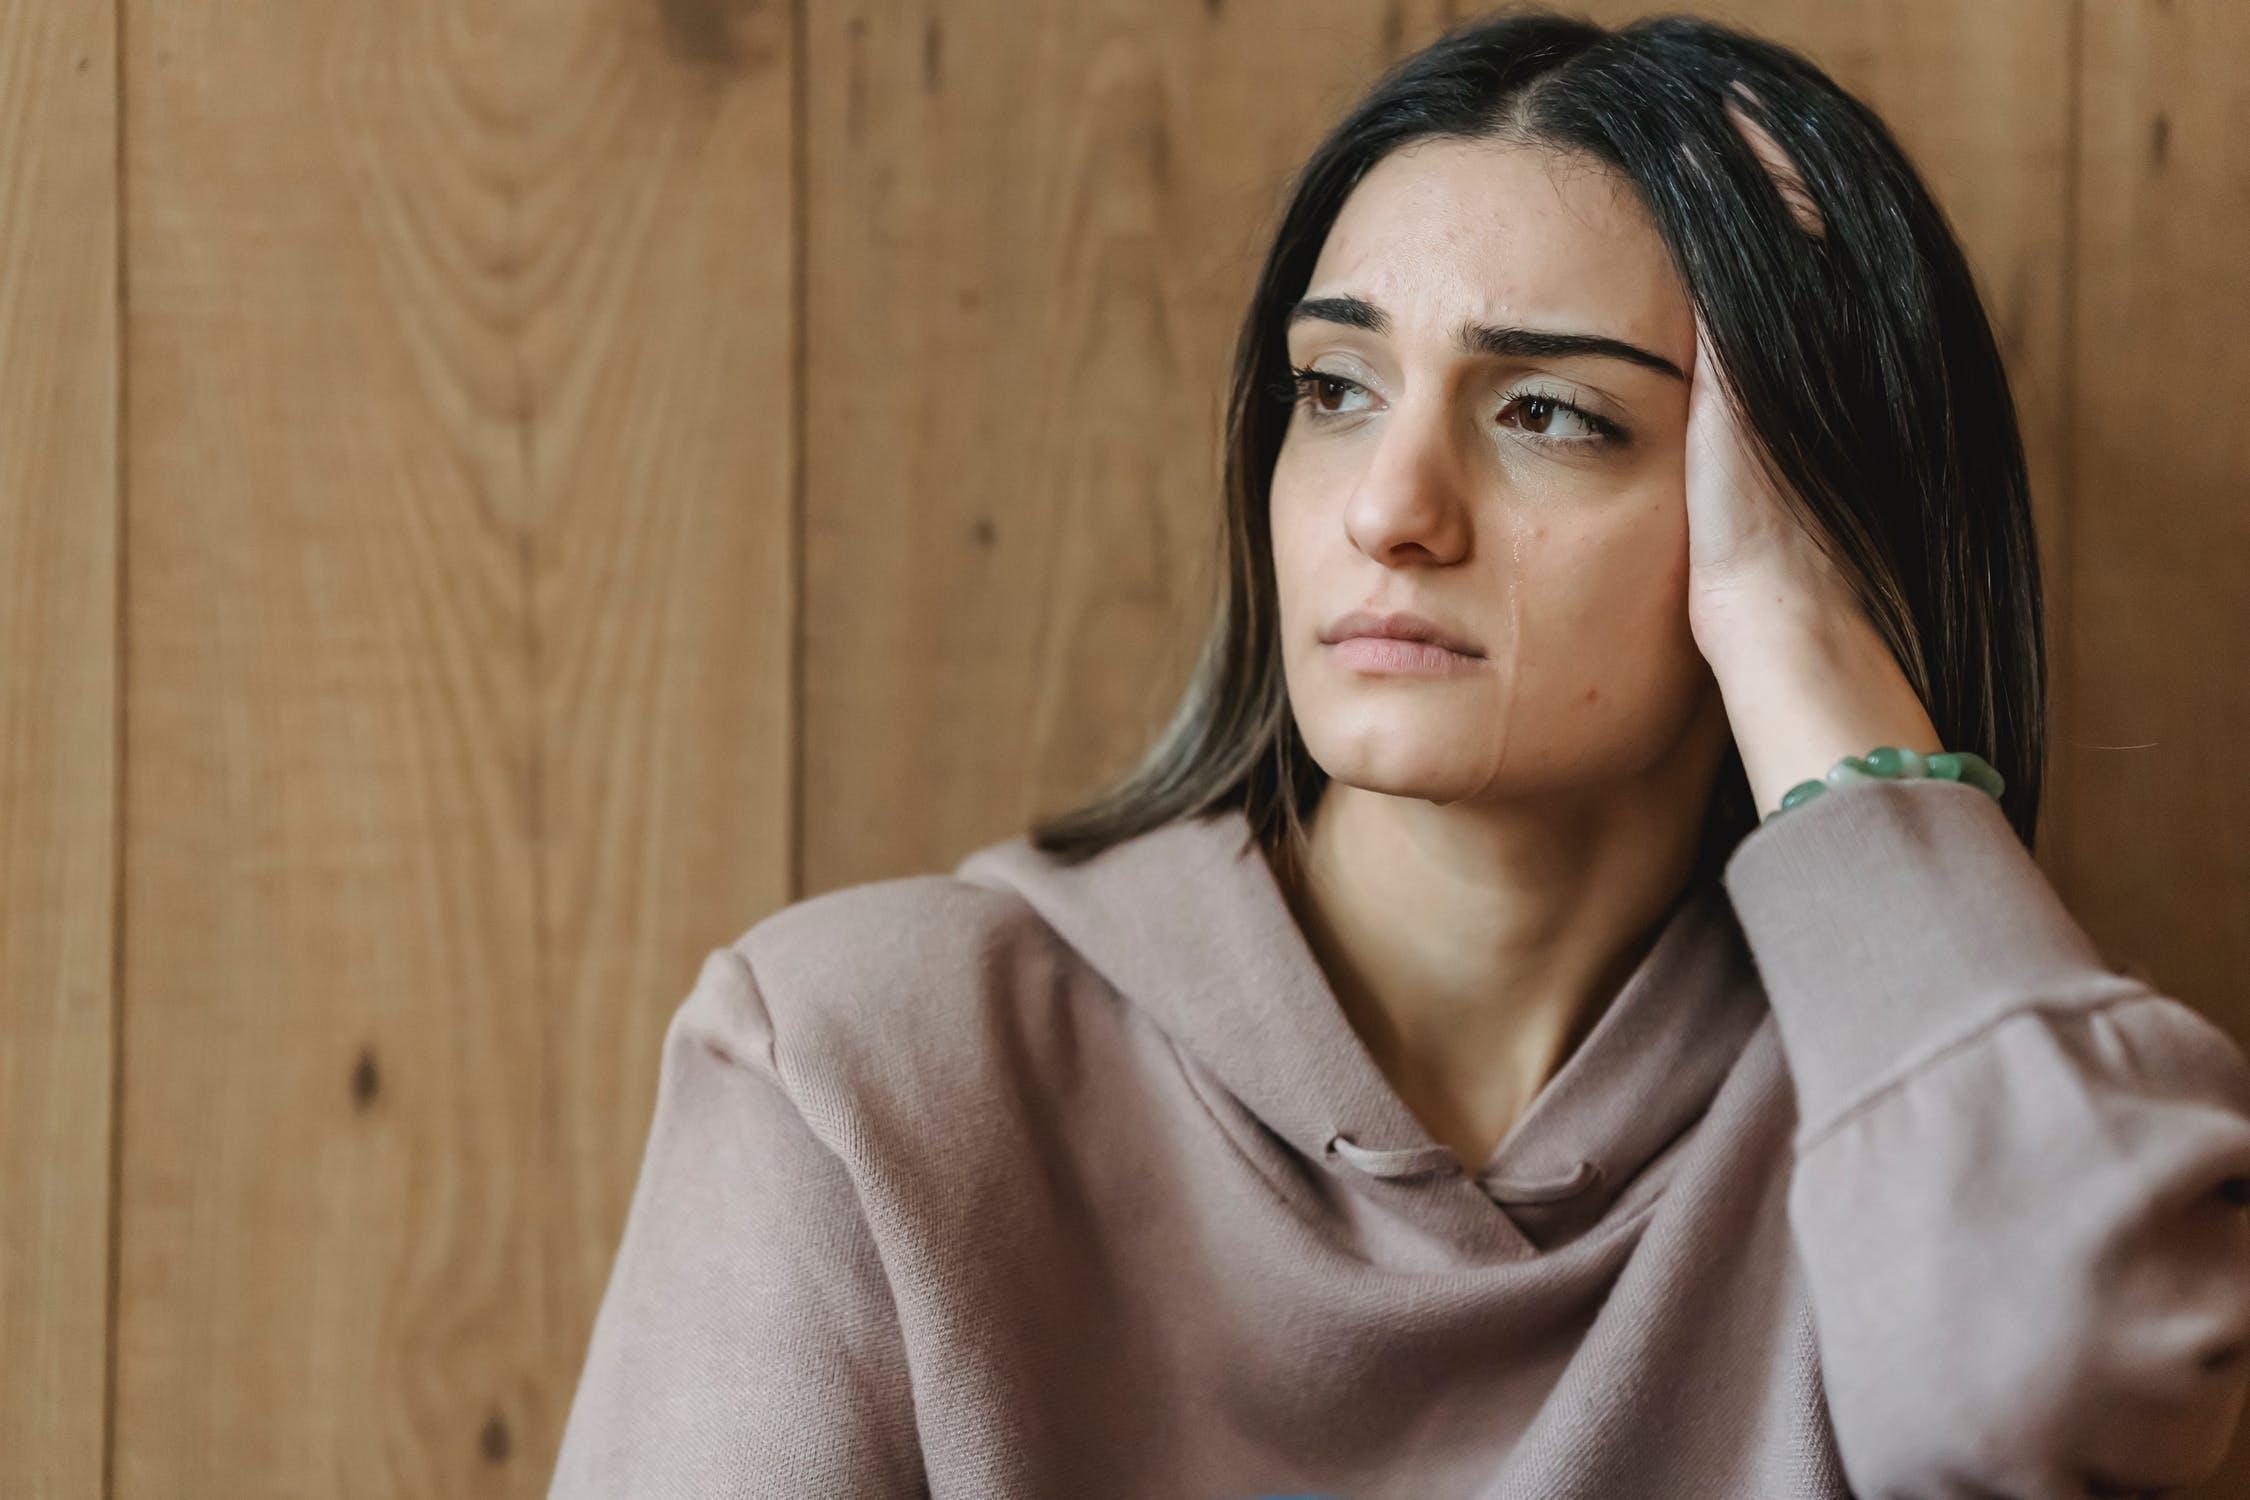 โรคซึมเศร้า คือ…?